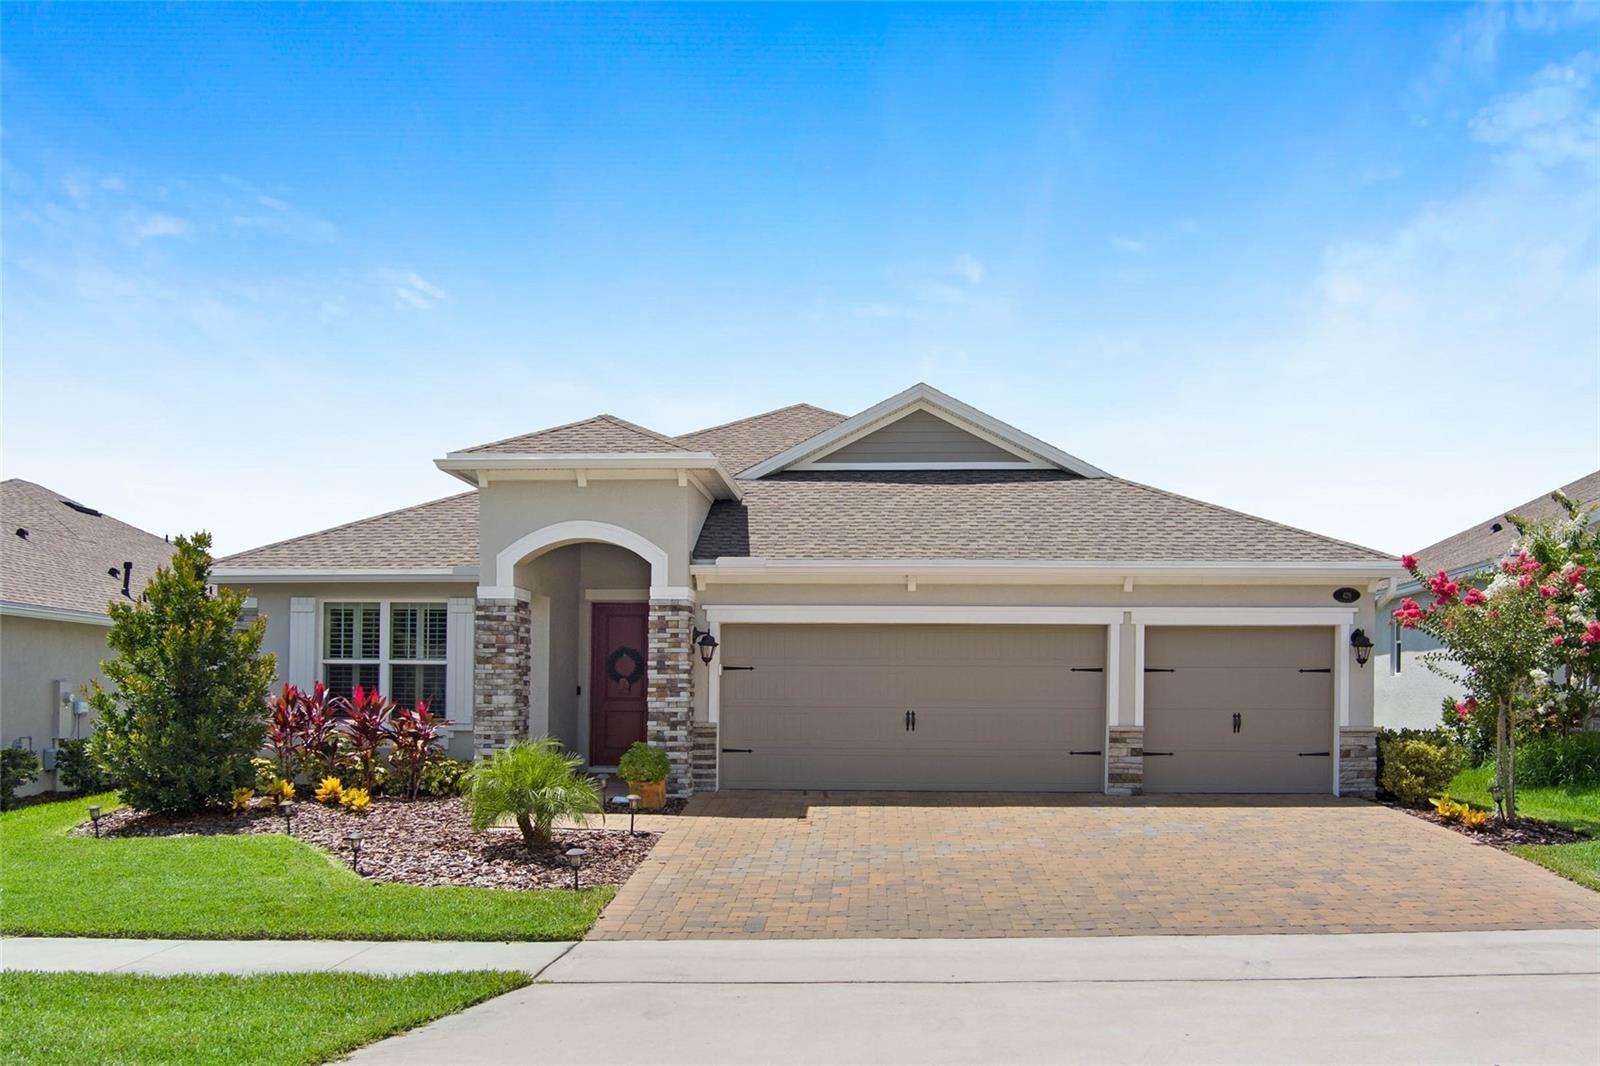 428 WEDGEWORTH LN, Deland, FL 32724 - #: O5957950